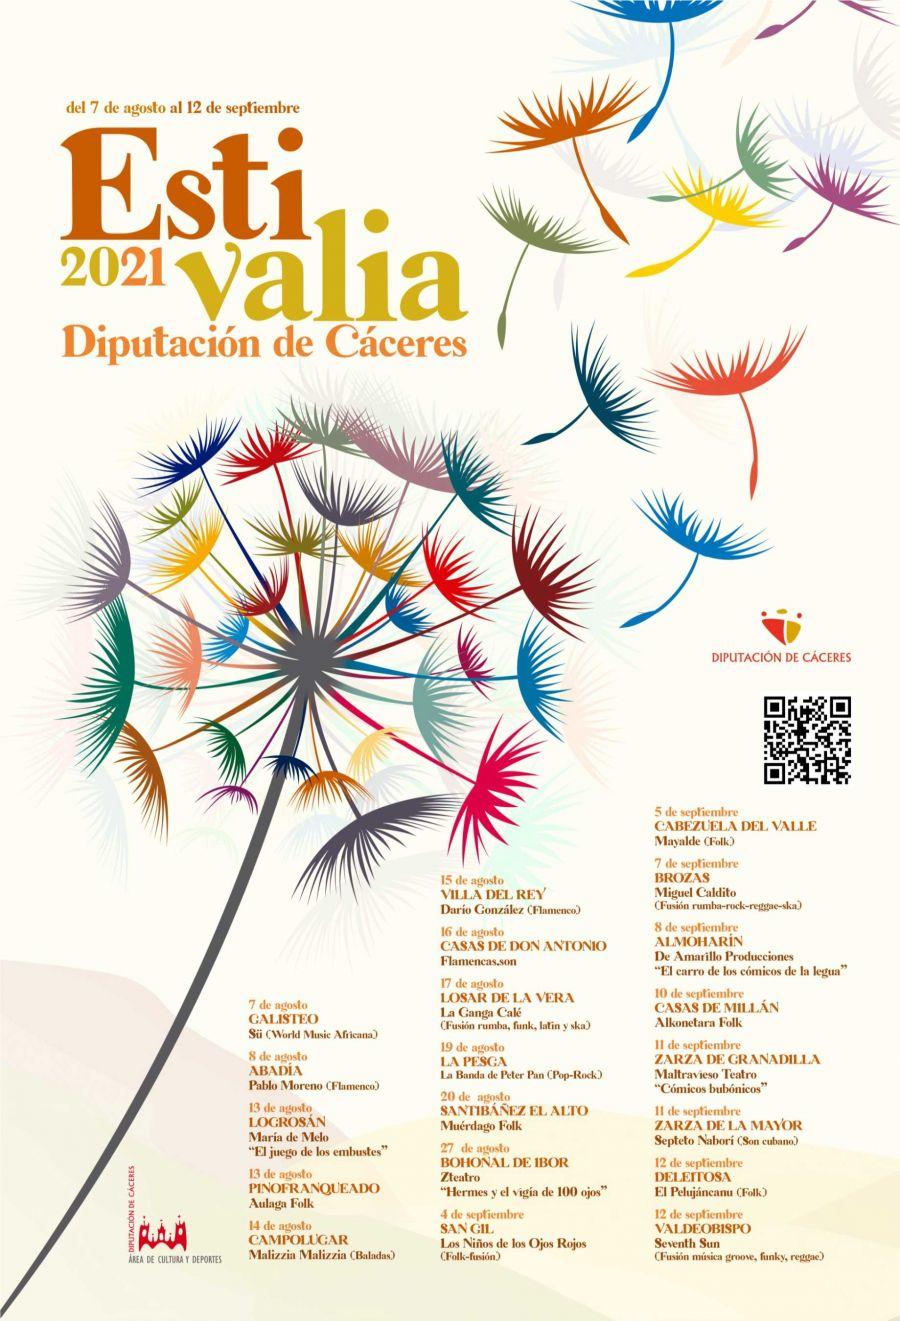 ESTIVALIA 2021 | Diputación de Cáceres